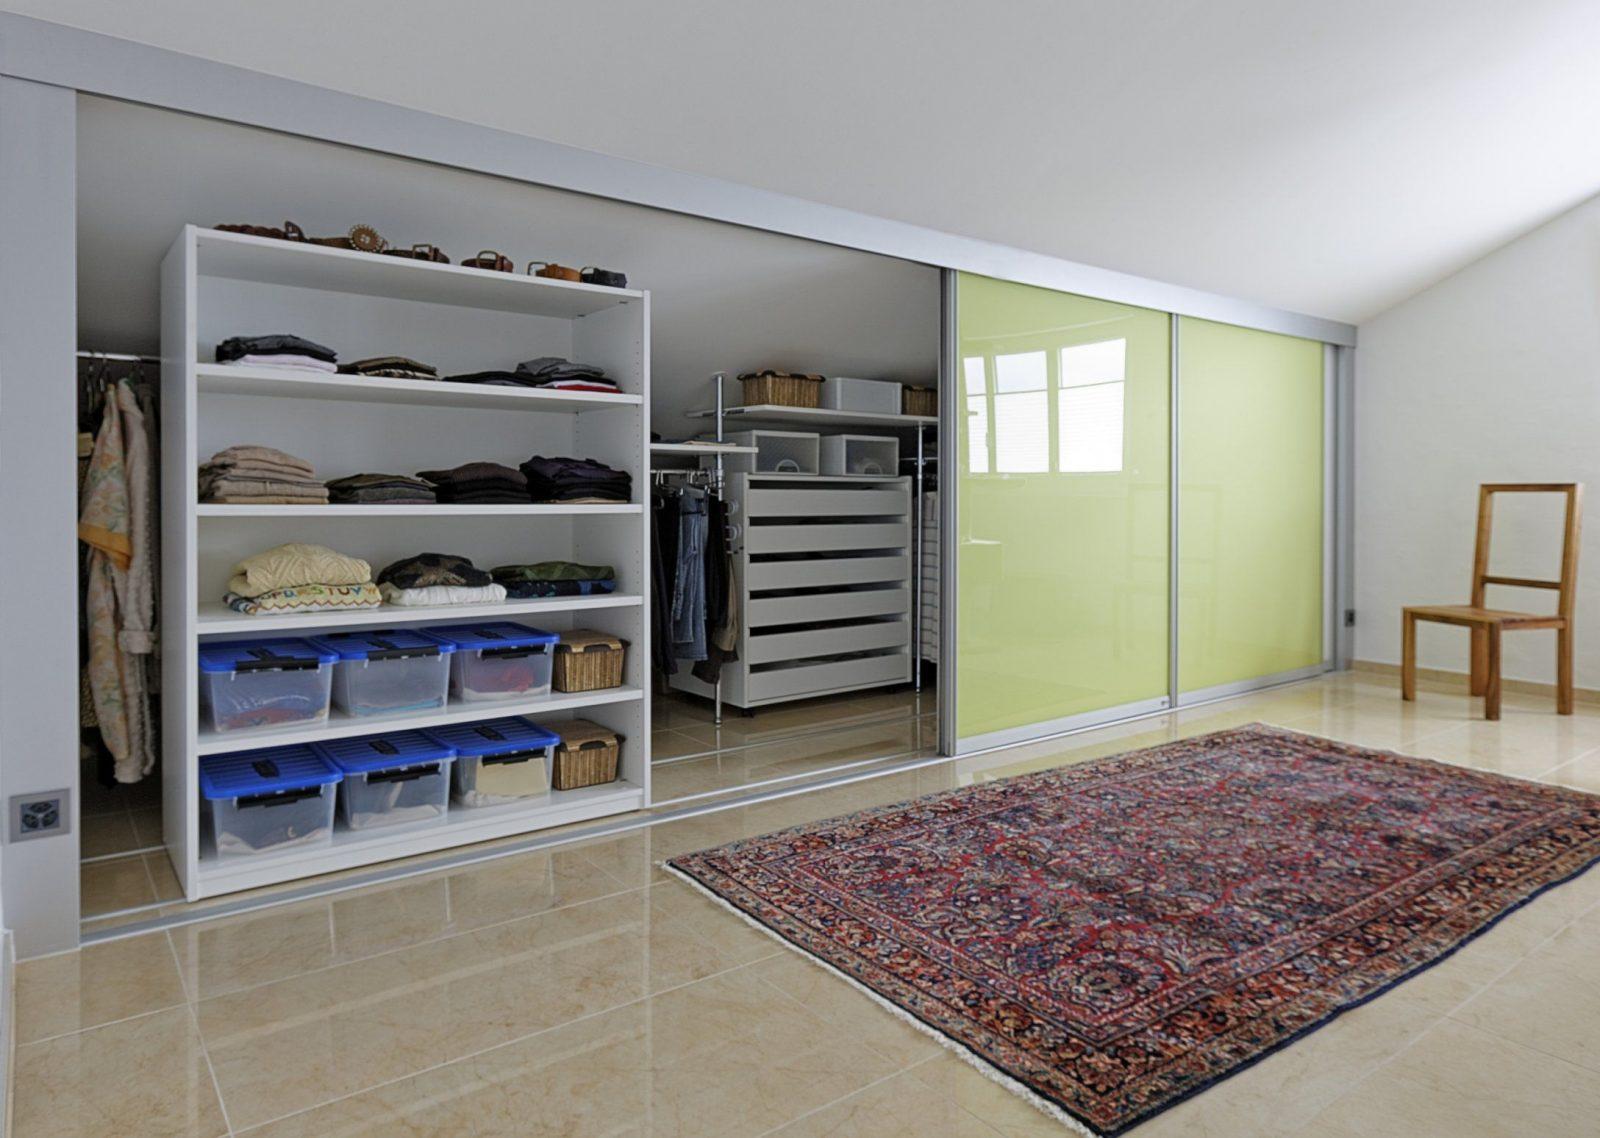 Awesome Wohnzimmer Ideen Dachschrage Ideas - Interior Design Ideas ...